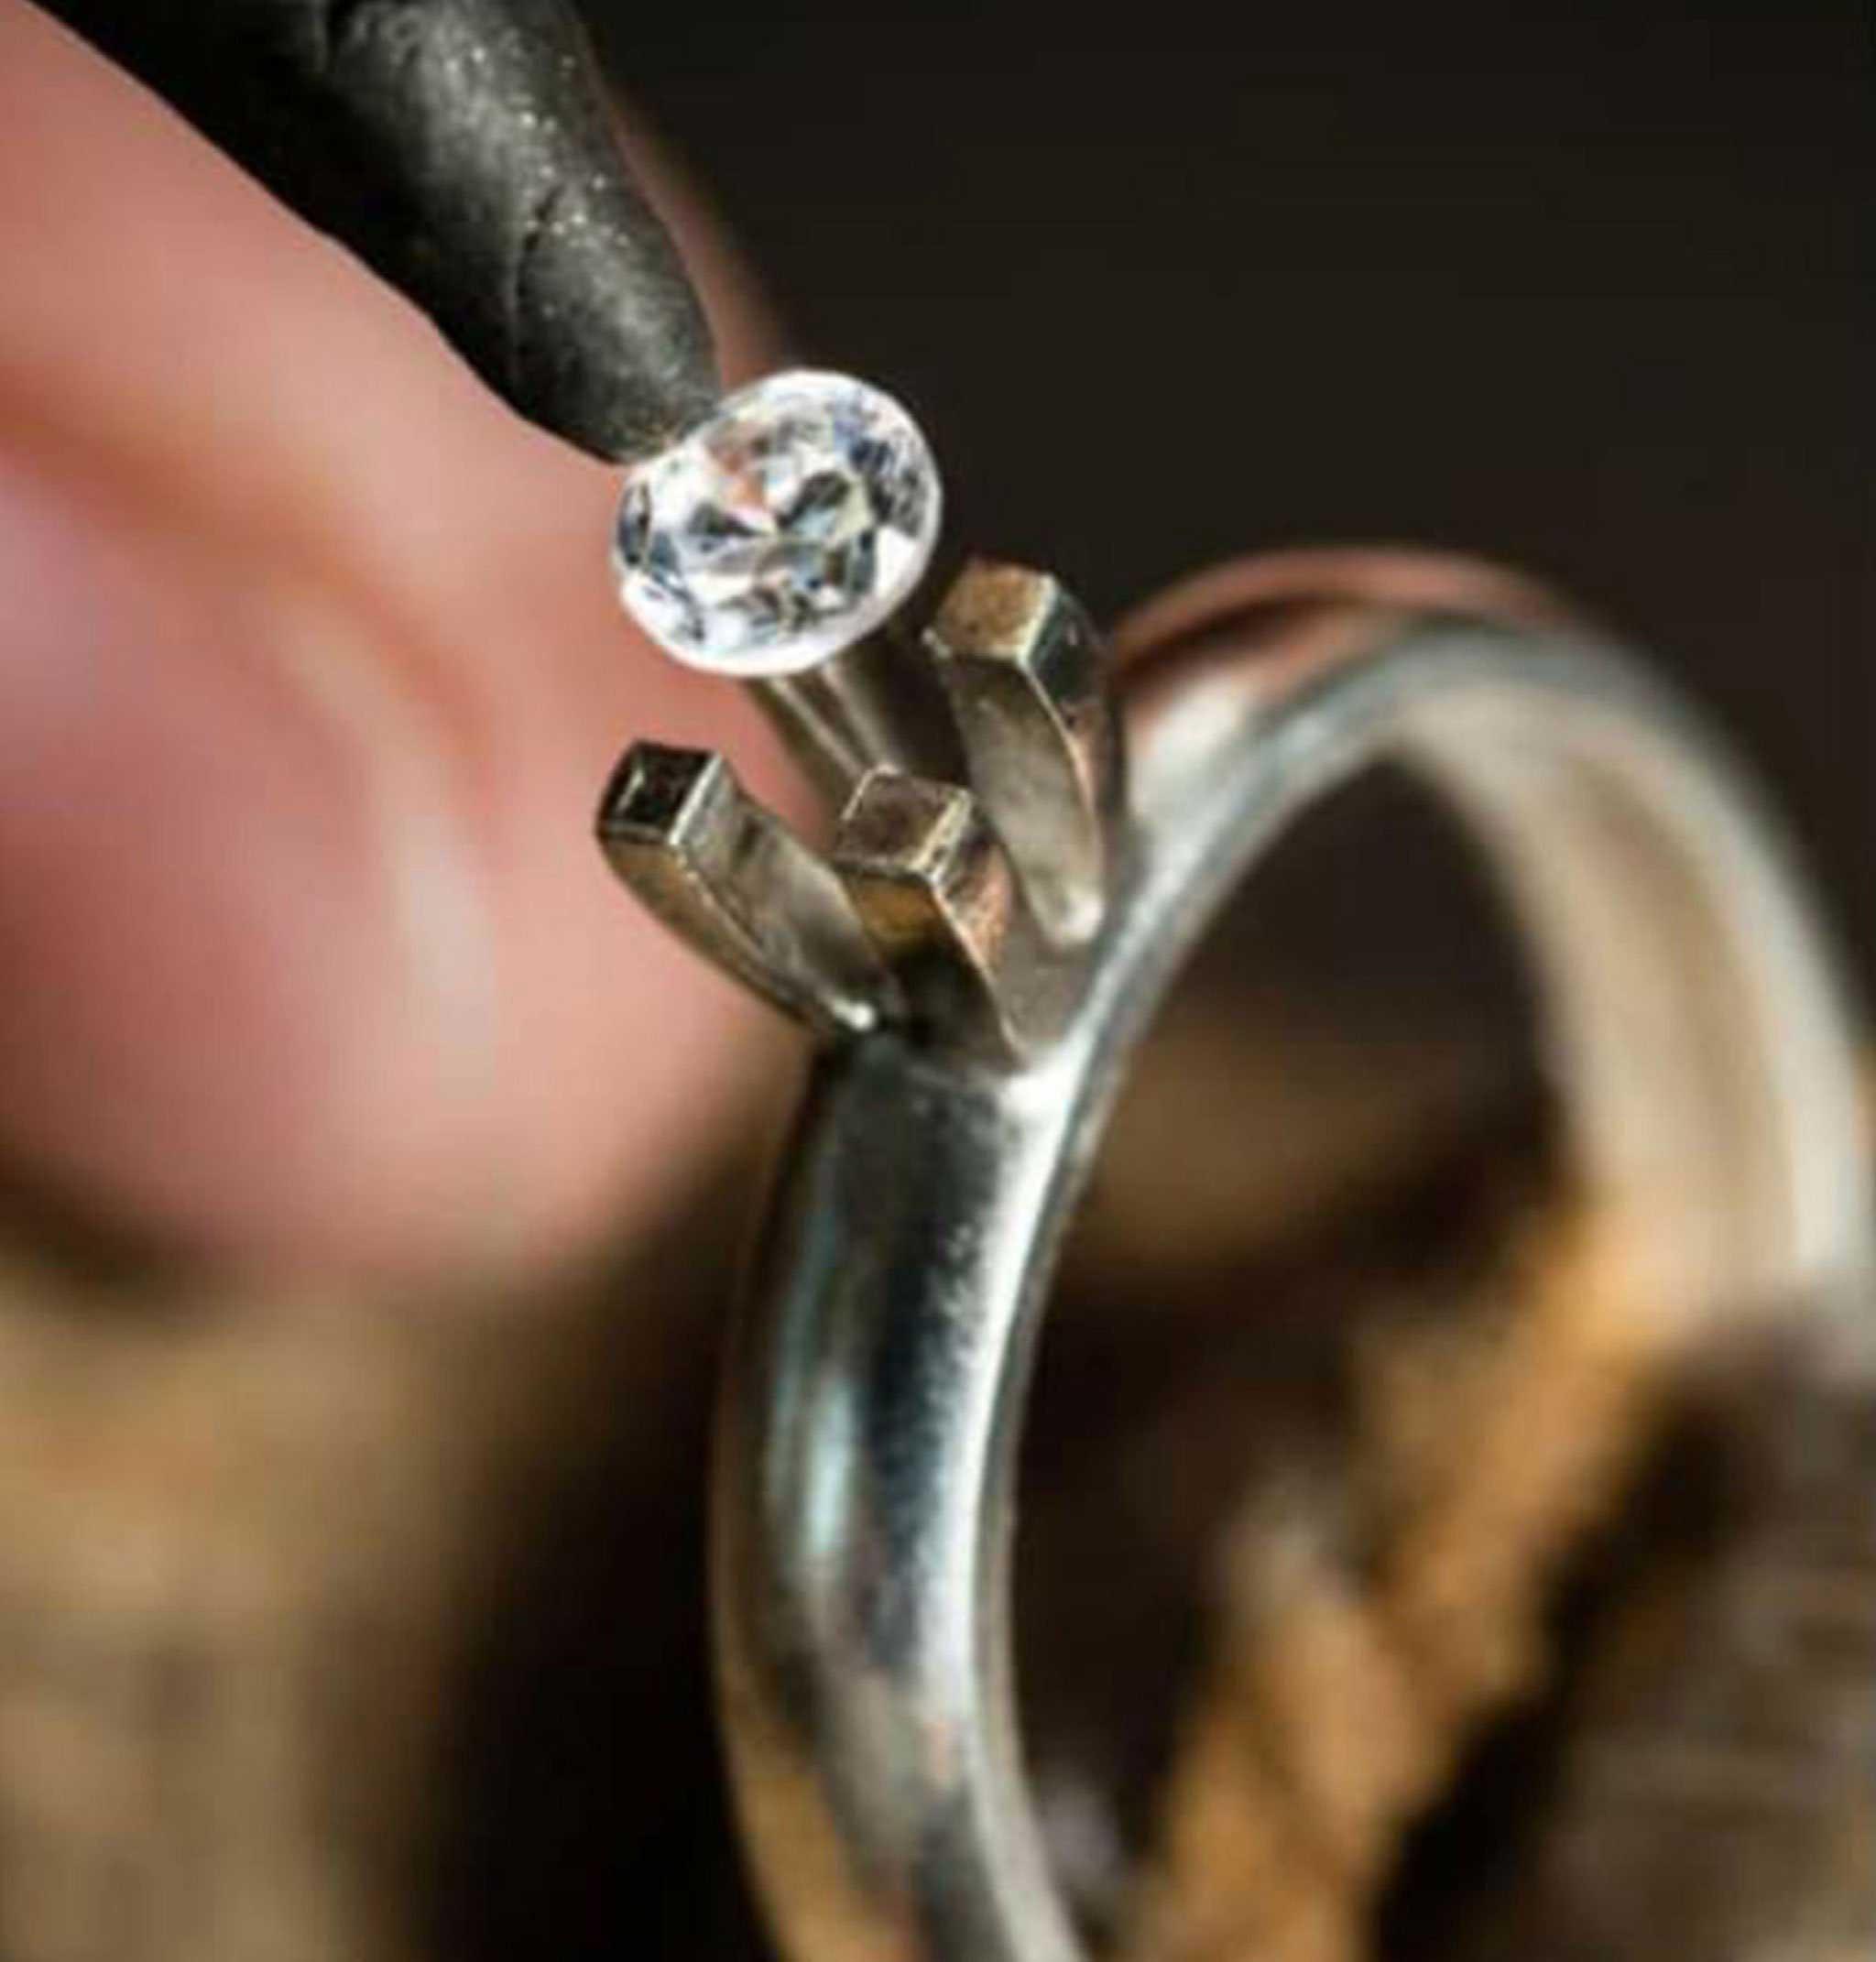 Reparación de joyas Joyería-Relojería Gaspar Buigues en Jávea